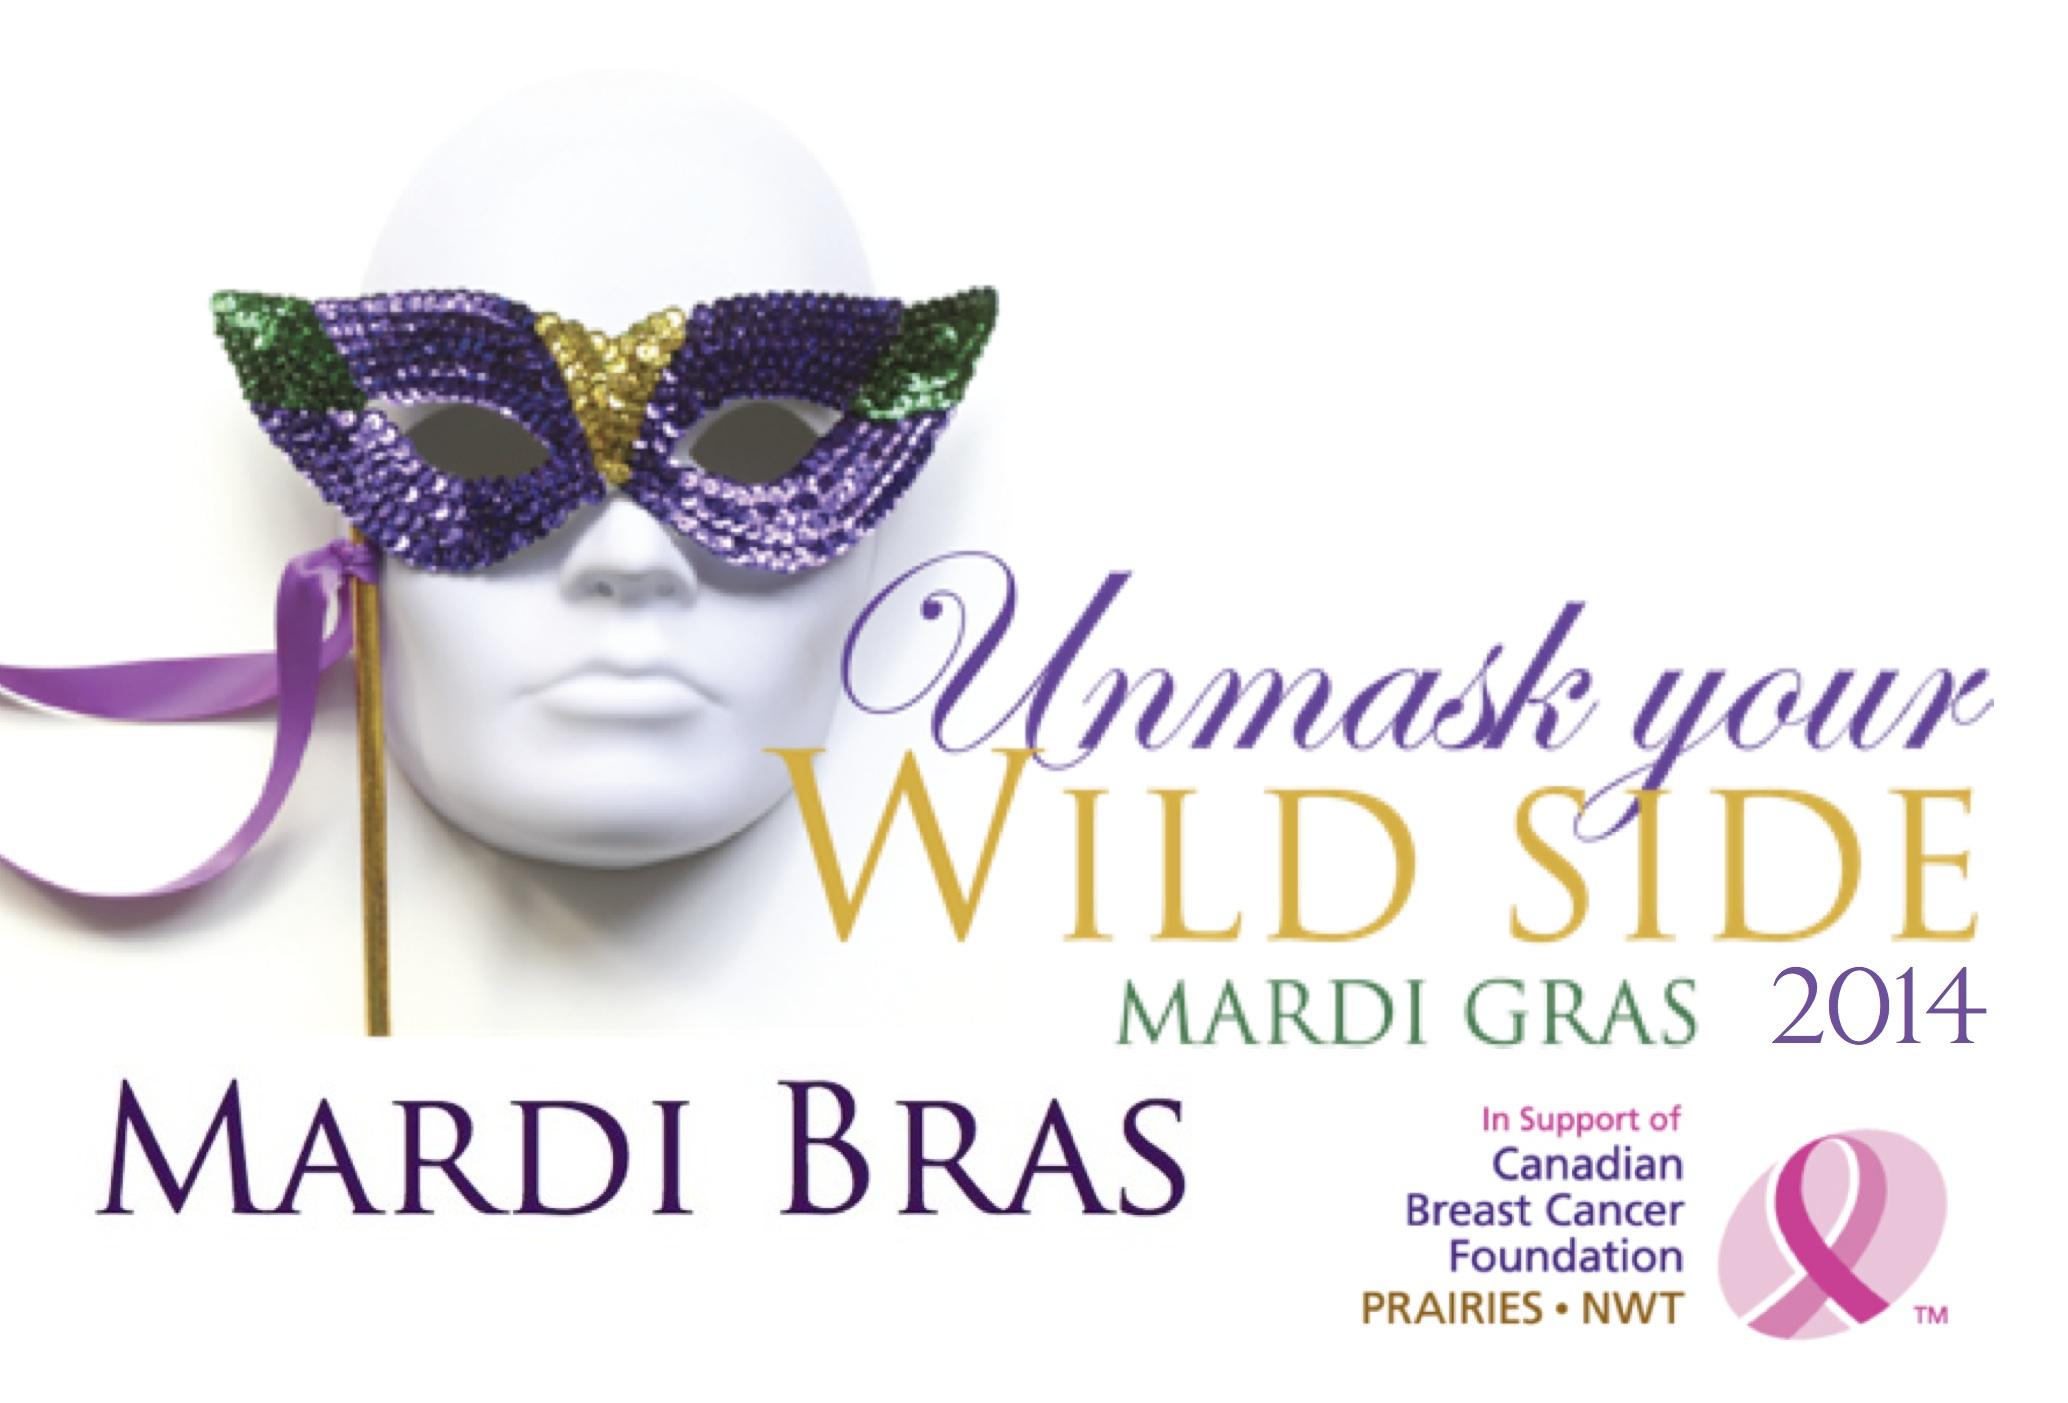 Mardi Gras 2014